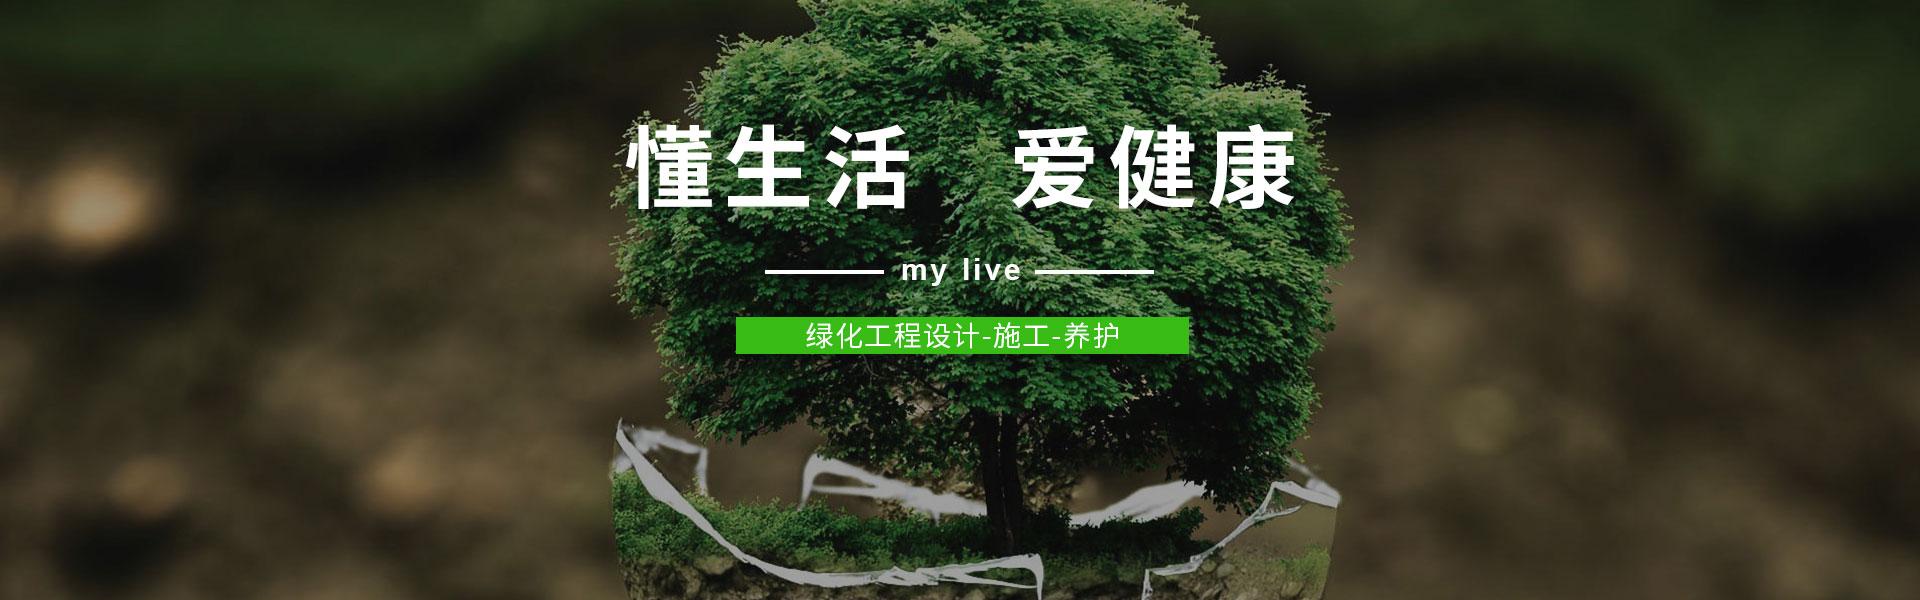 园艺花卉_上海ag真人园艺有限公司